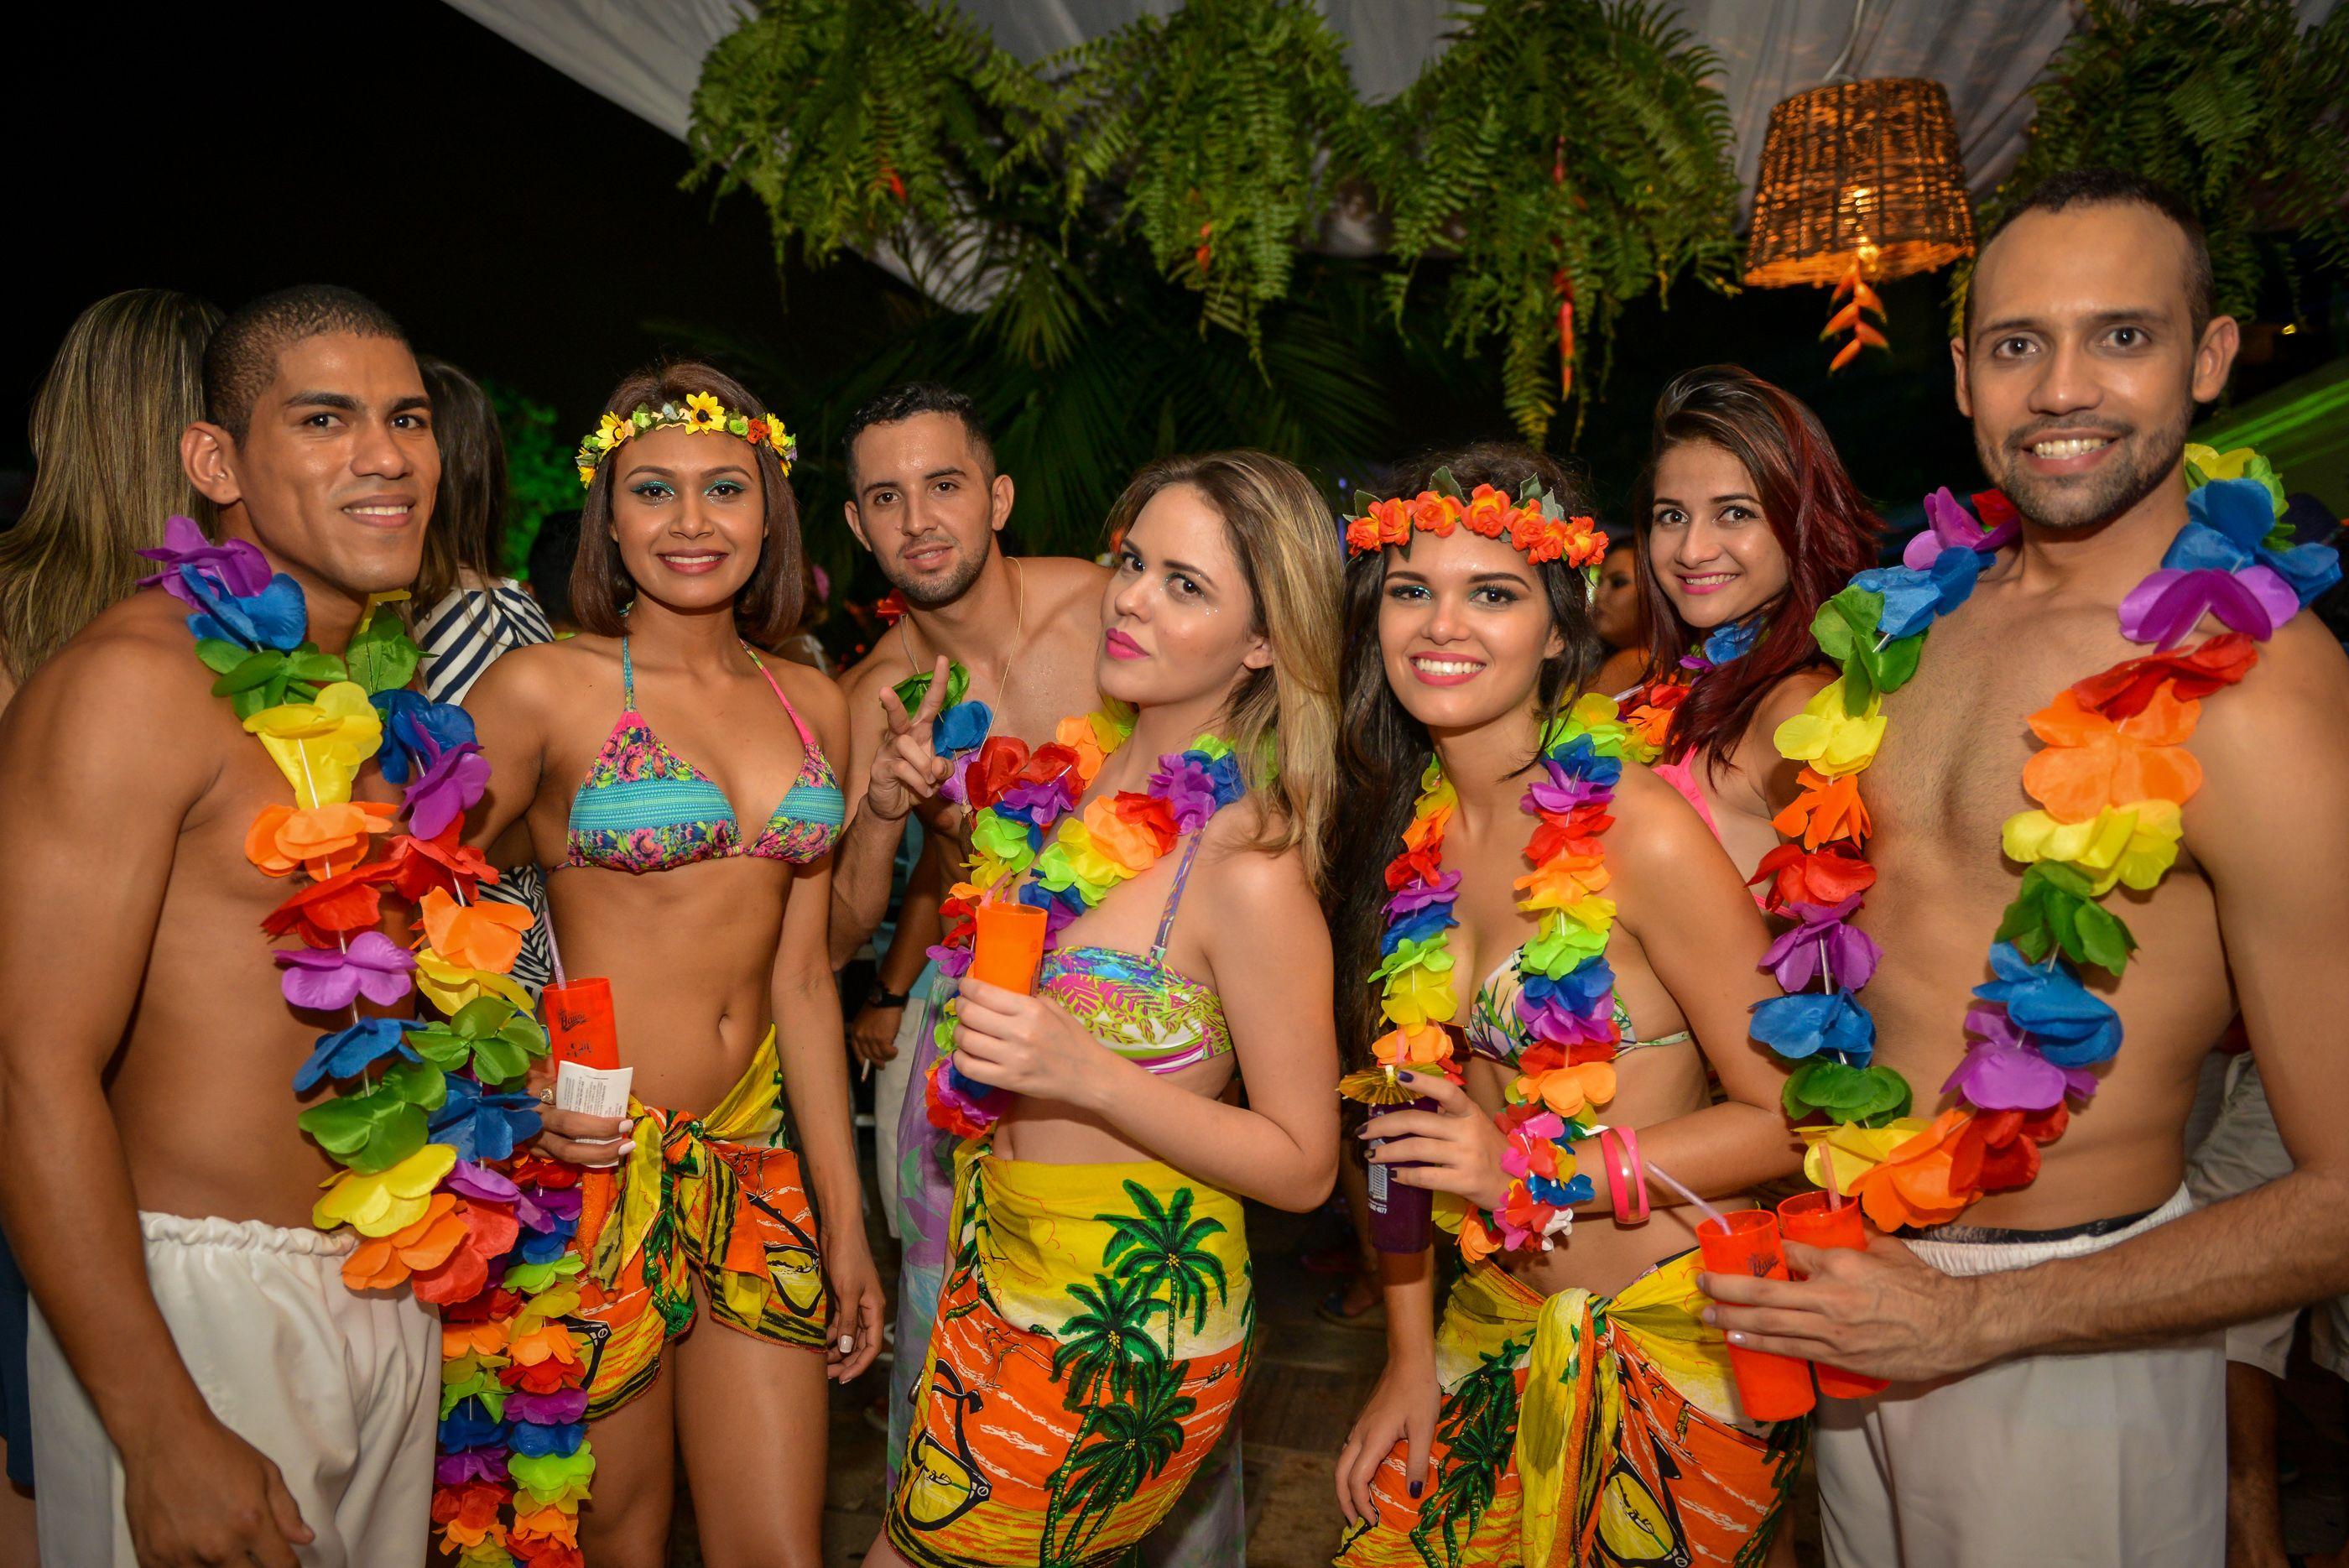 поздравление в стиле гавайской вечеринки определённое средство просто